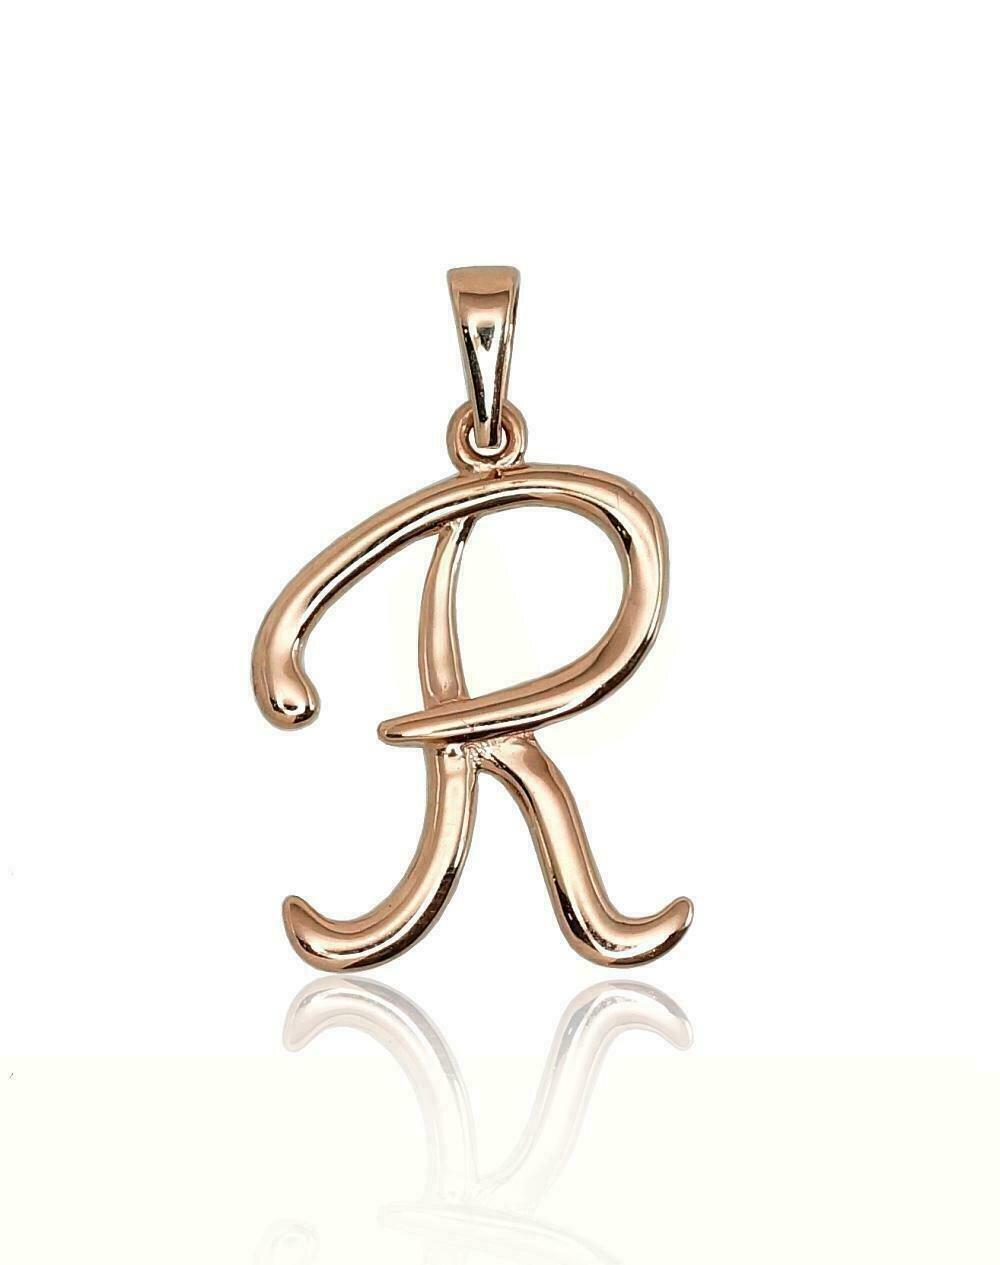 Auksinis pakabukas, Raidė R